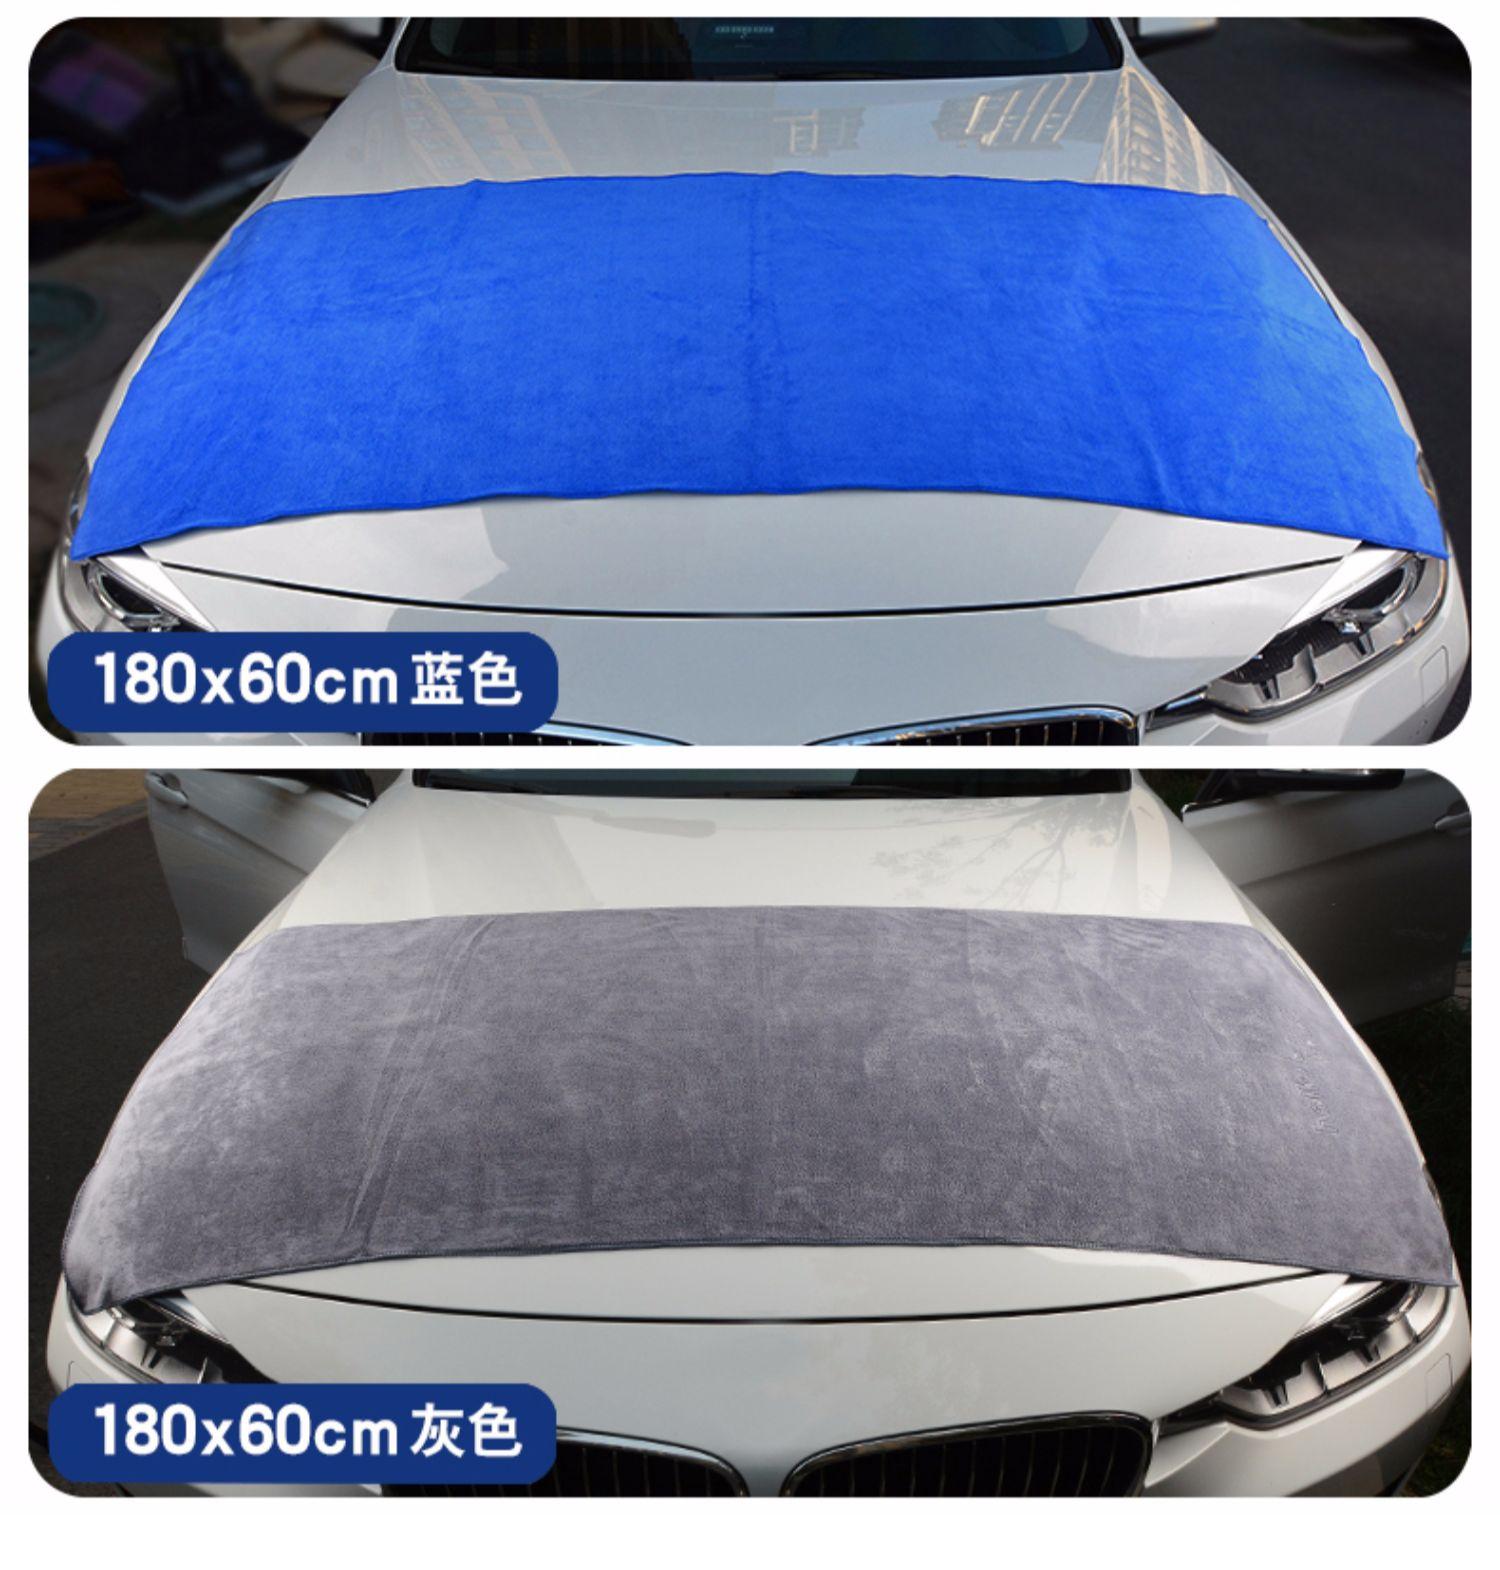 汽车毛巾擦车巾专用抹布车内大号加厚吸水洗车清洁用品神器黑科技商品详情图